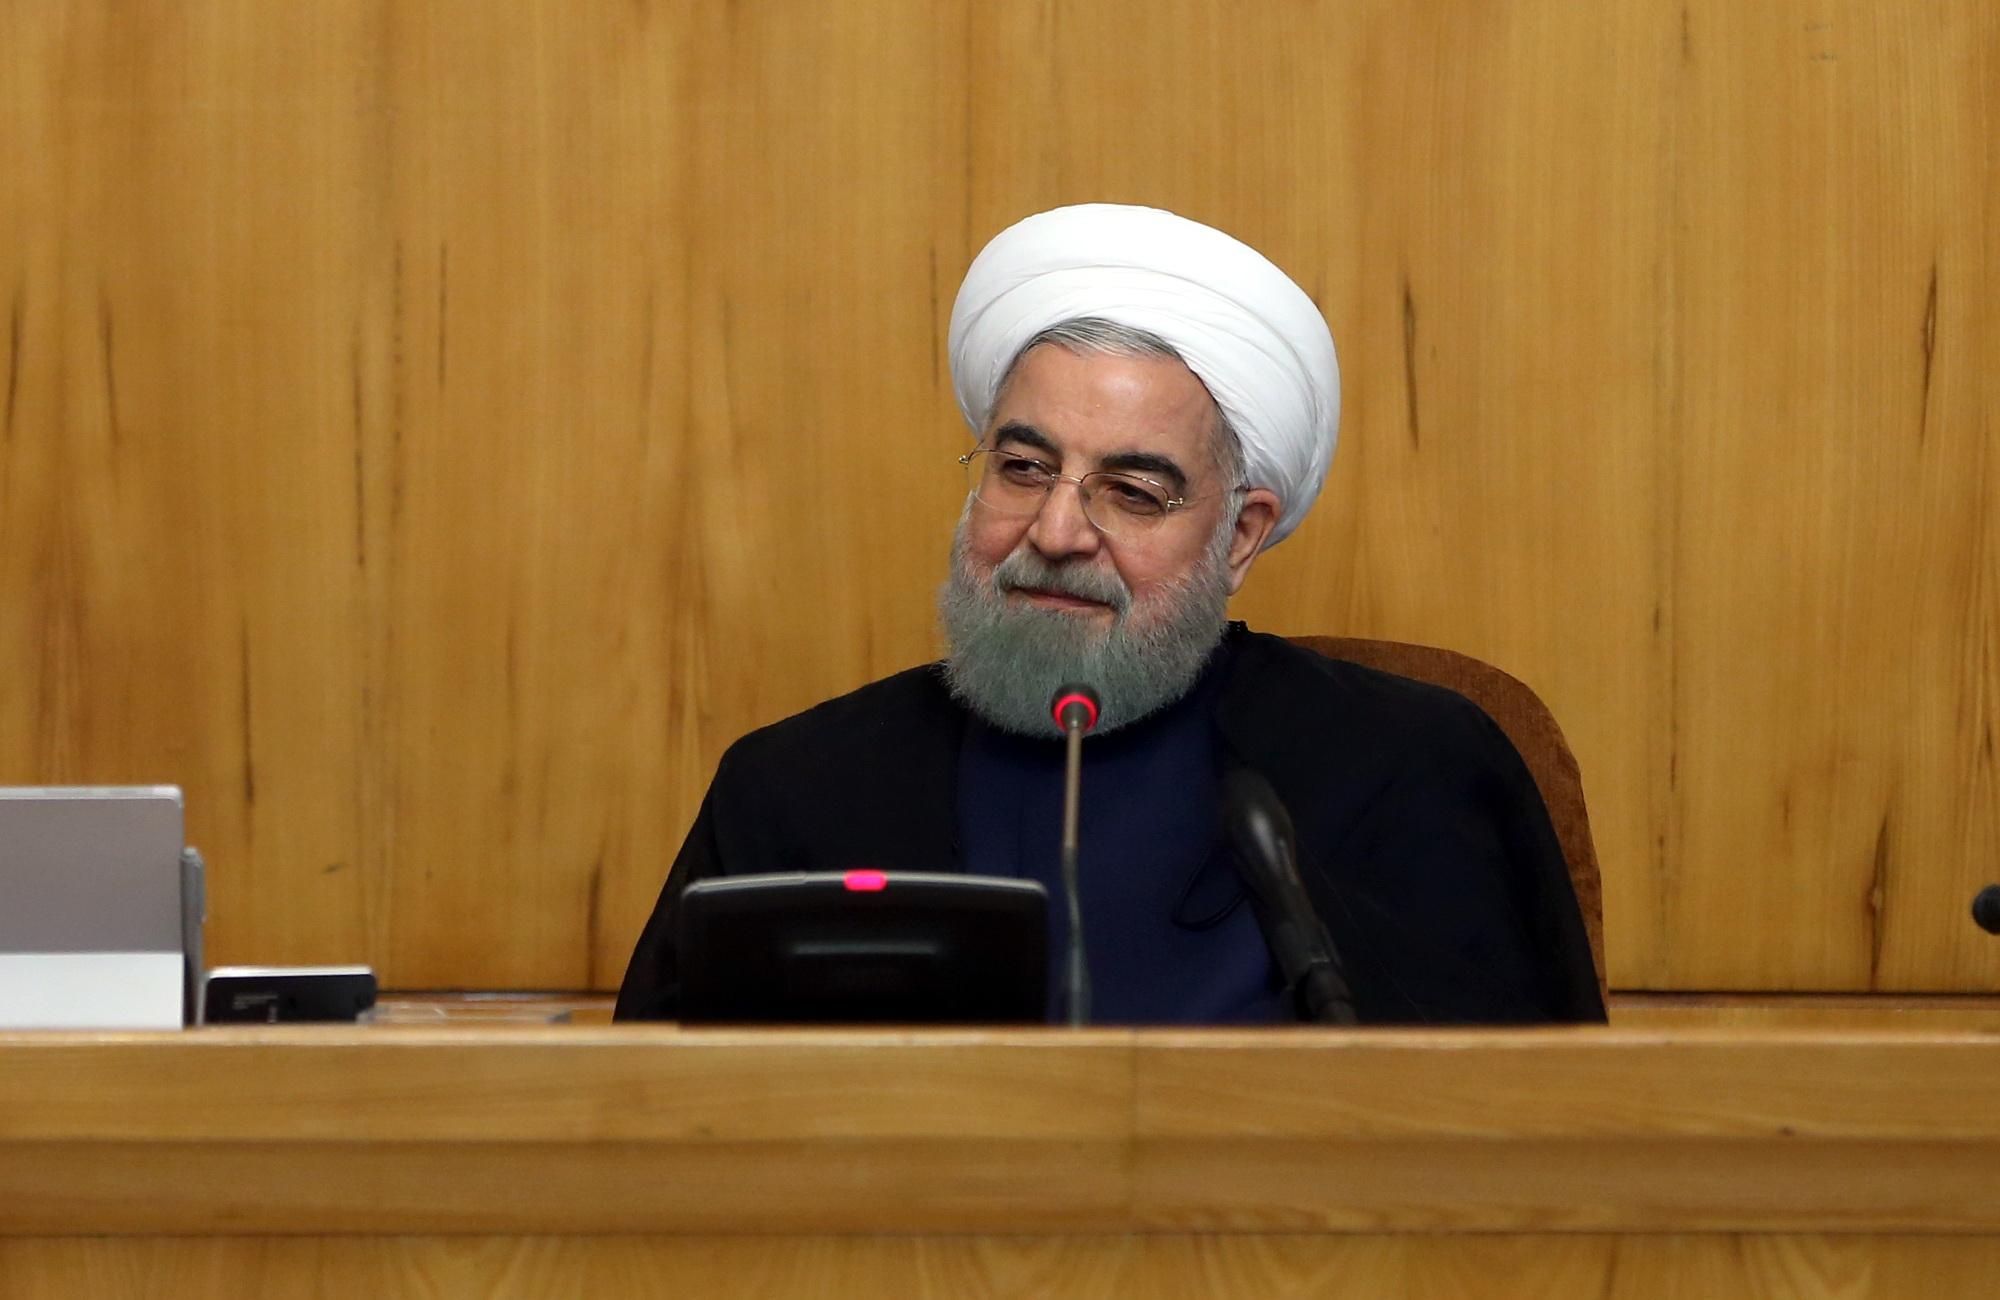 دشمنان راهی جز تسلیم در برابر اراده ملت ایران ندارند/ درصورت عمل به تعهدات از سوی طرف مقابل آماده مذاکره هستیم